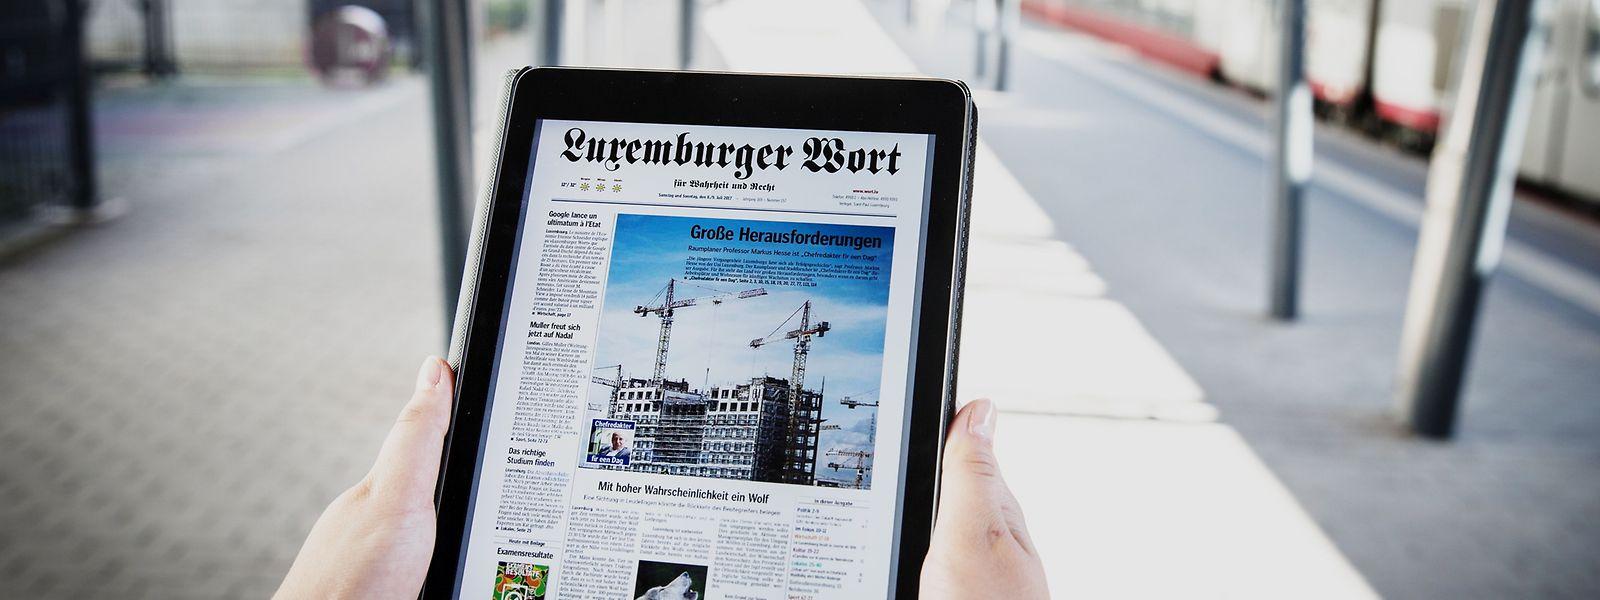 """Das """"Luxemburger Wort"""" kann seine Reichweite stabilisieren. Dazu trägt auch die zunehmende Nutzung der E-Paper-Ausgabe bei."""